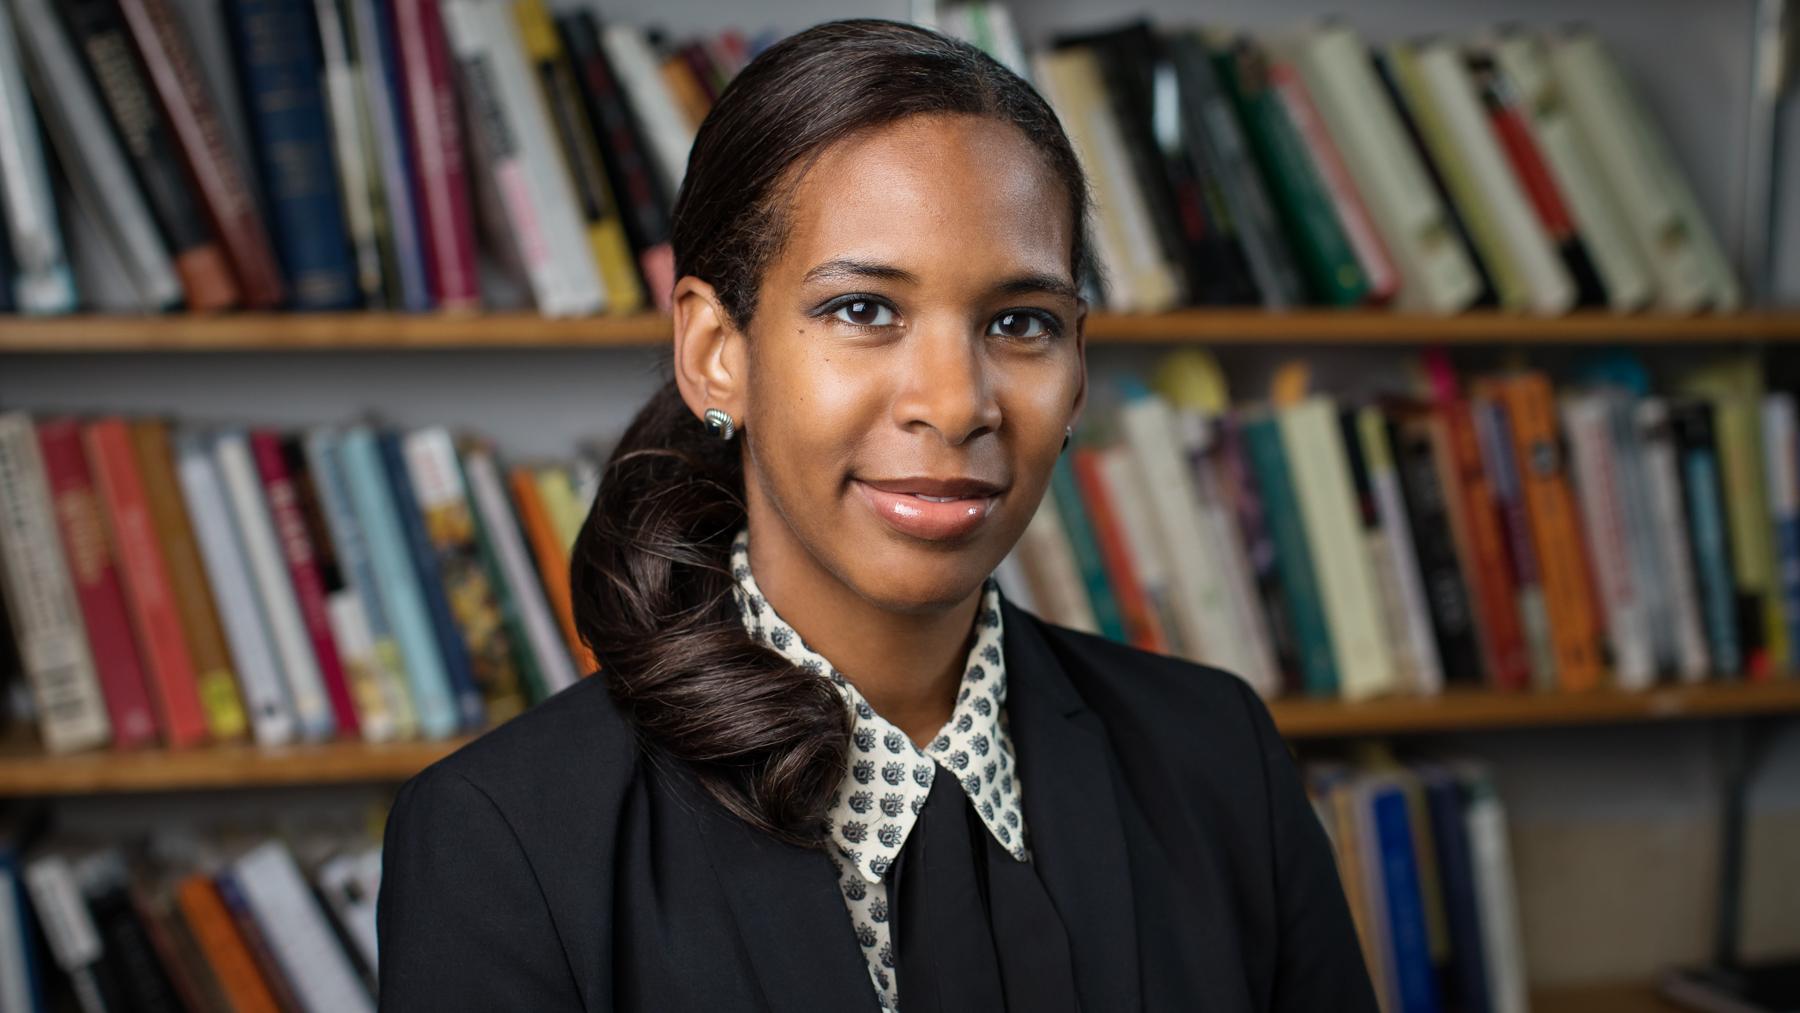 Professor Rana Hogarth